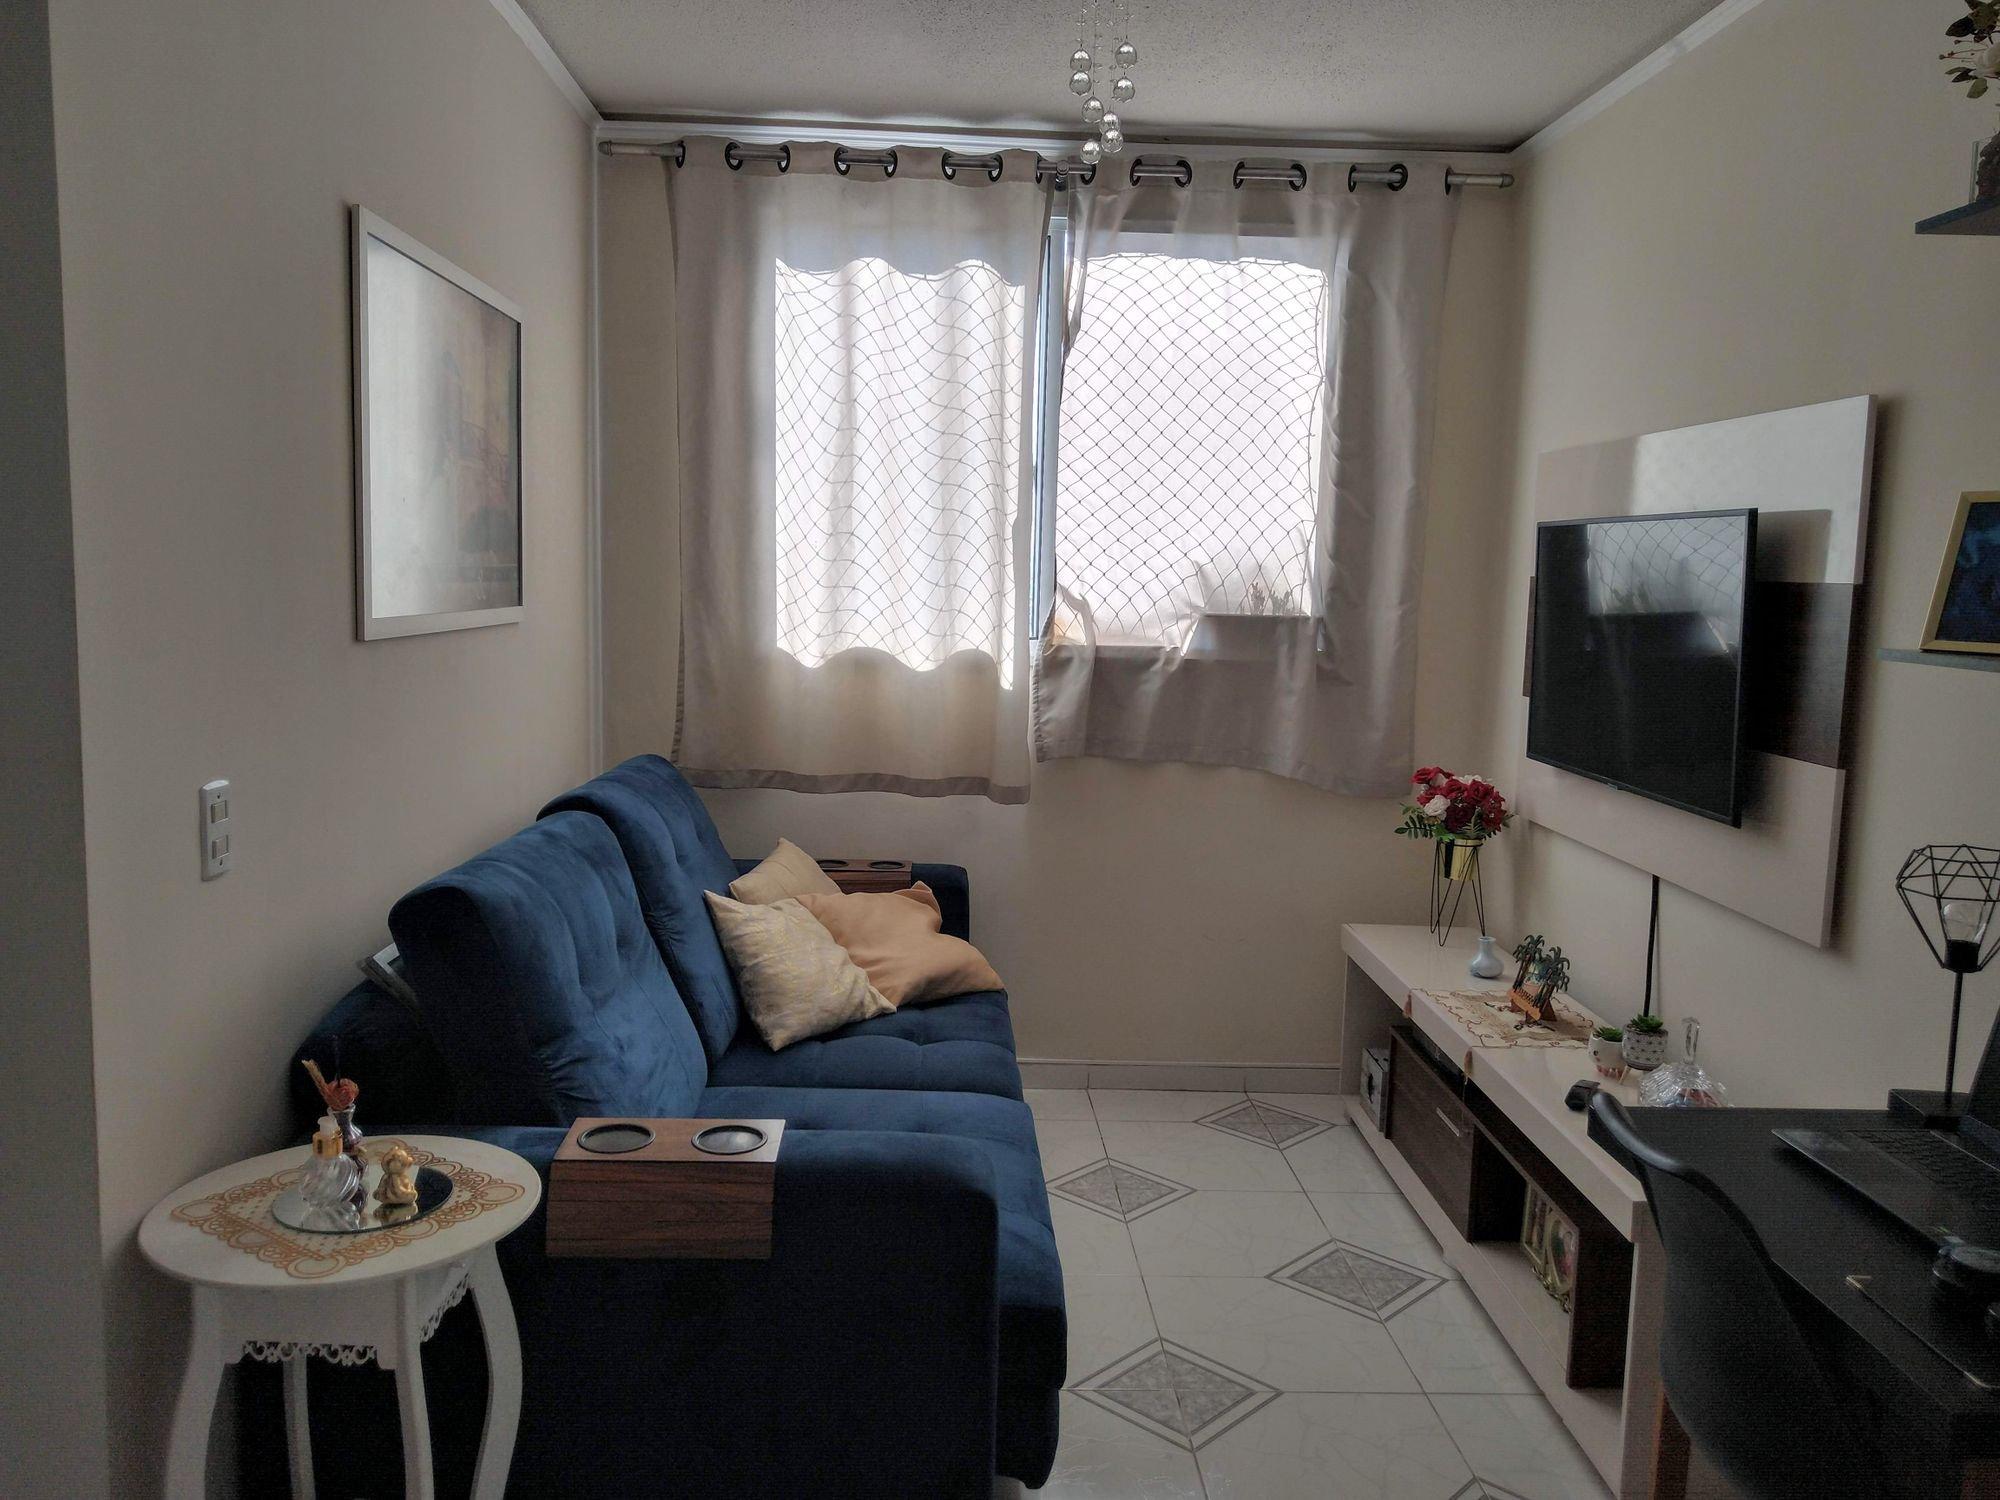 Foto de Sala com teclado, sofá, vaso